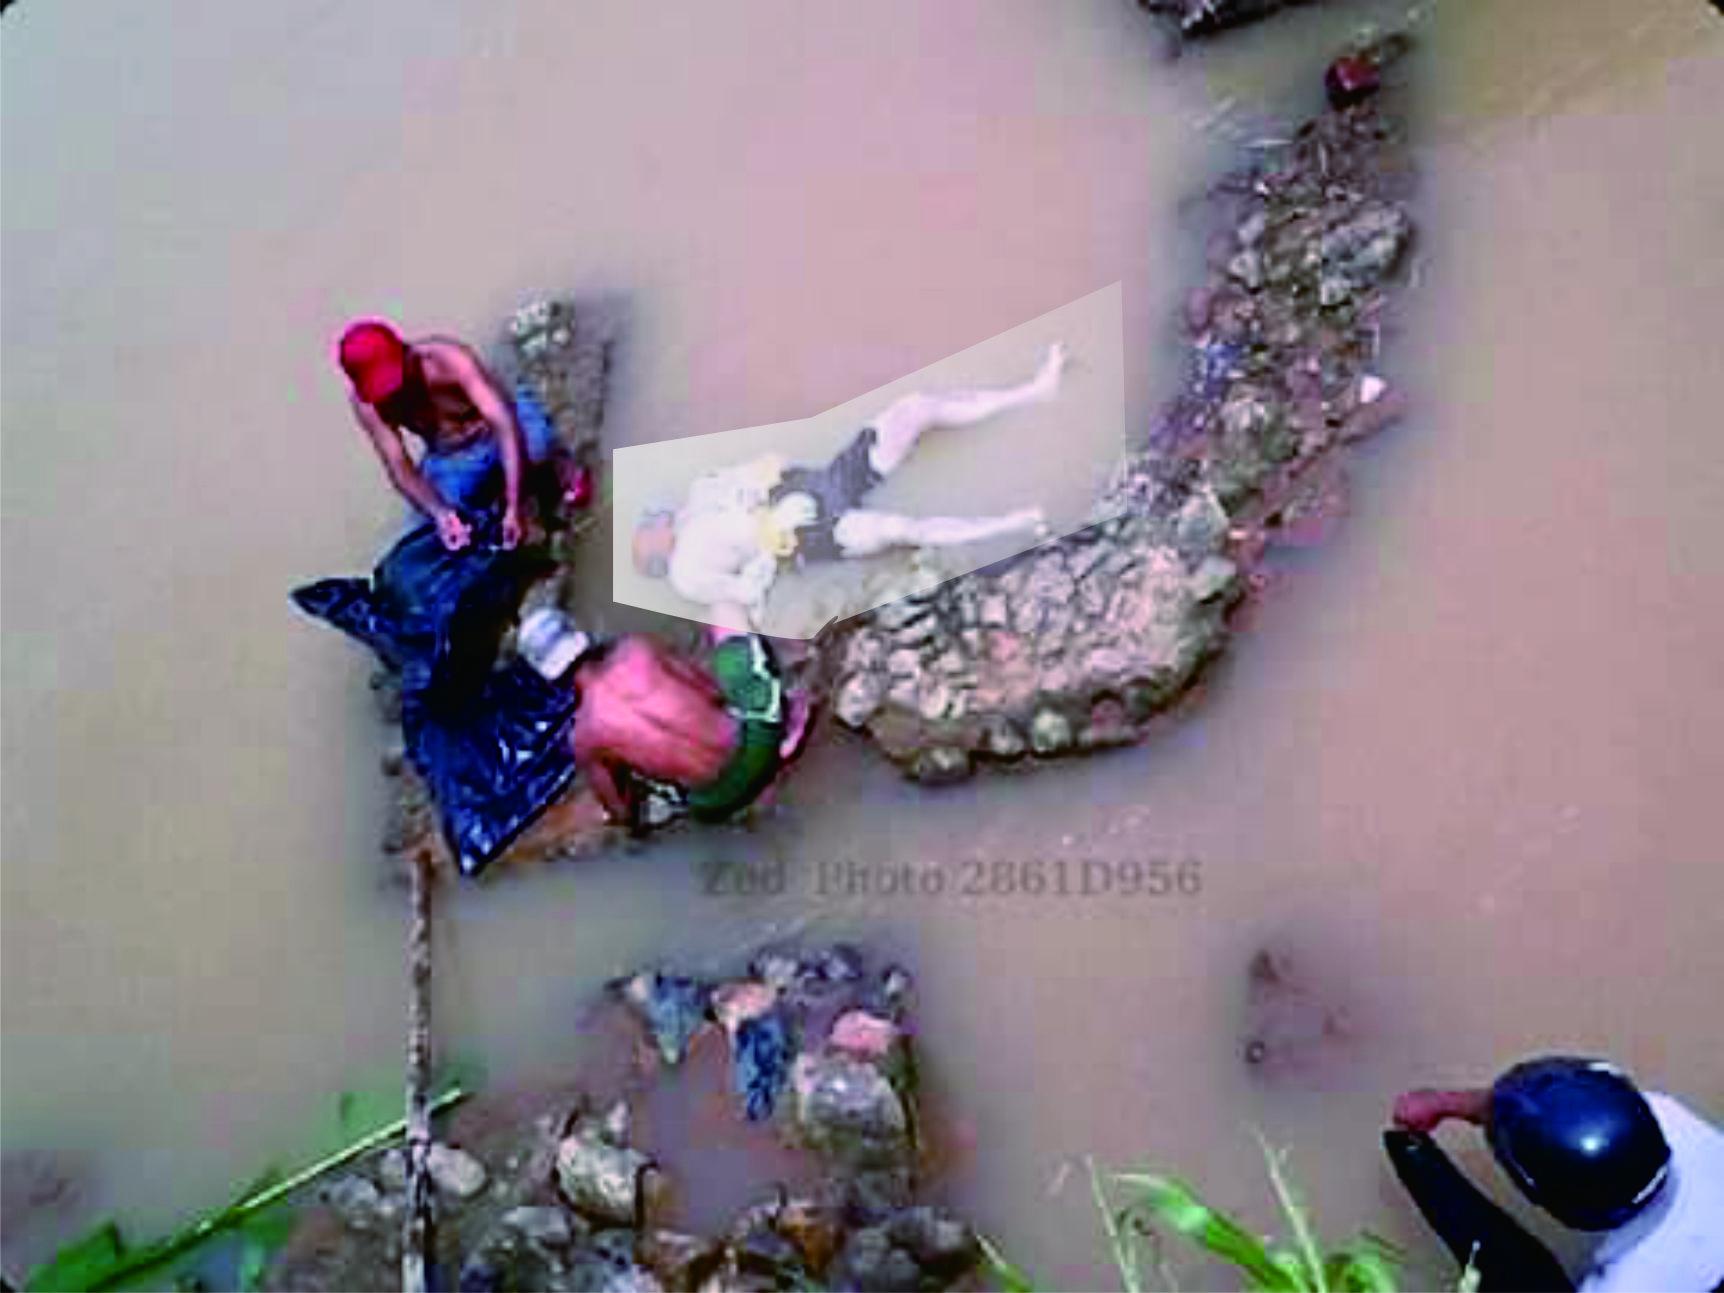 Mayat korban tenggelam selasa pekan llau ditemukan. ( Whiena Imuetz)